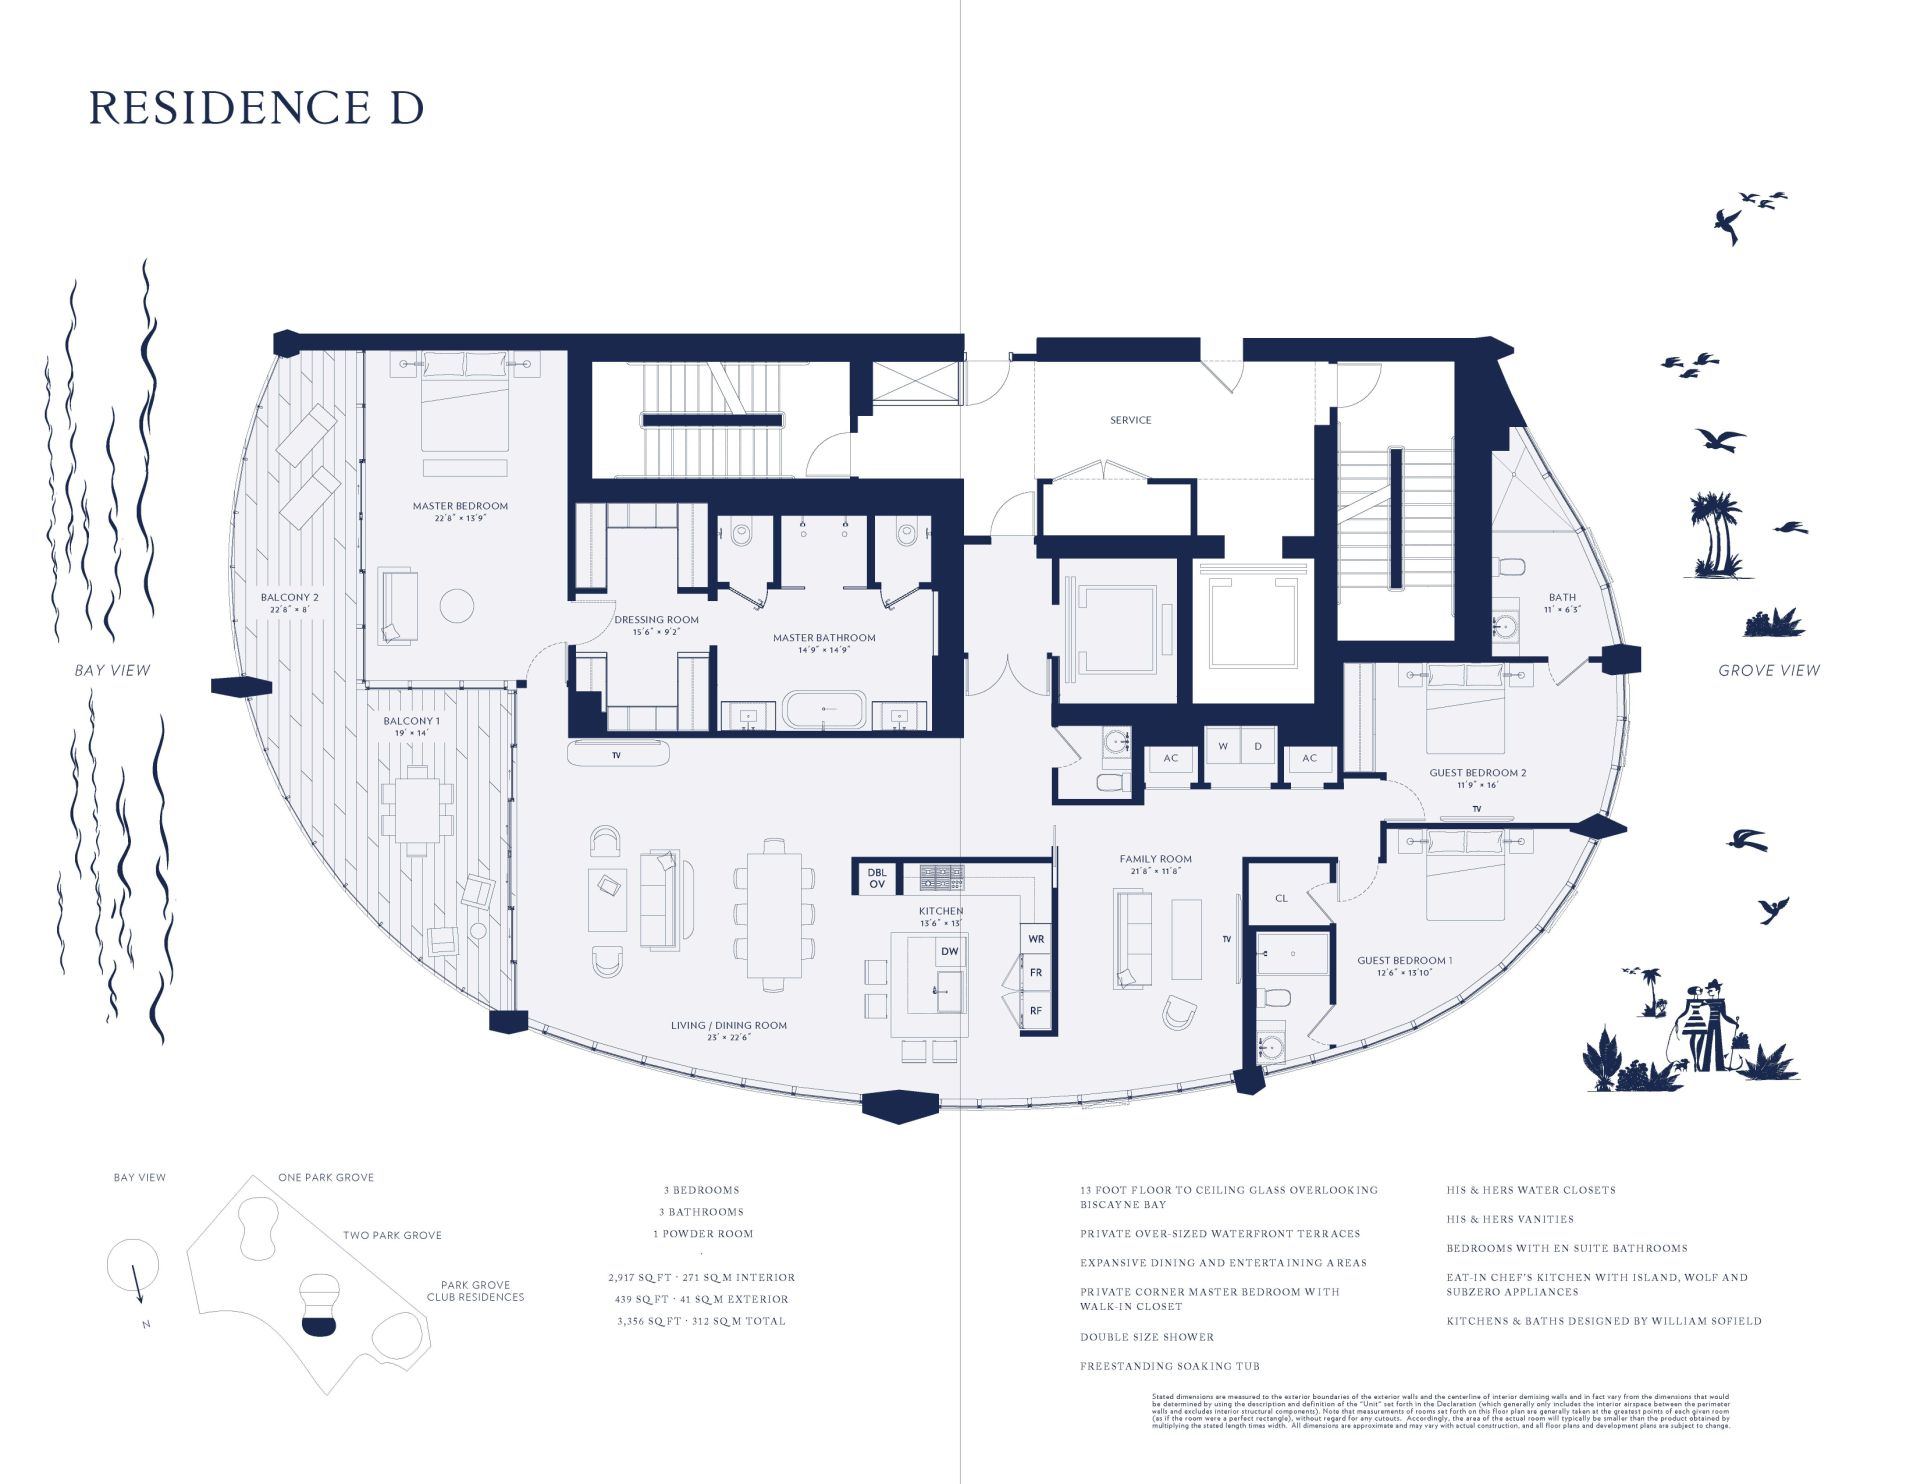 Two Park Grove unit 4d floor plan